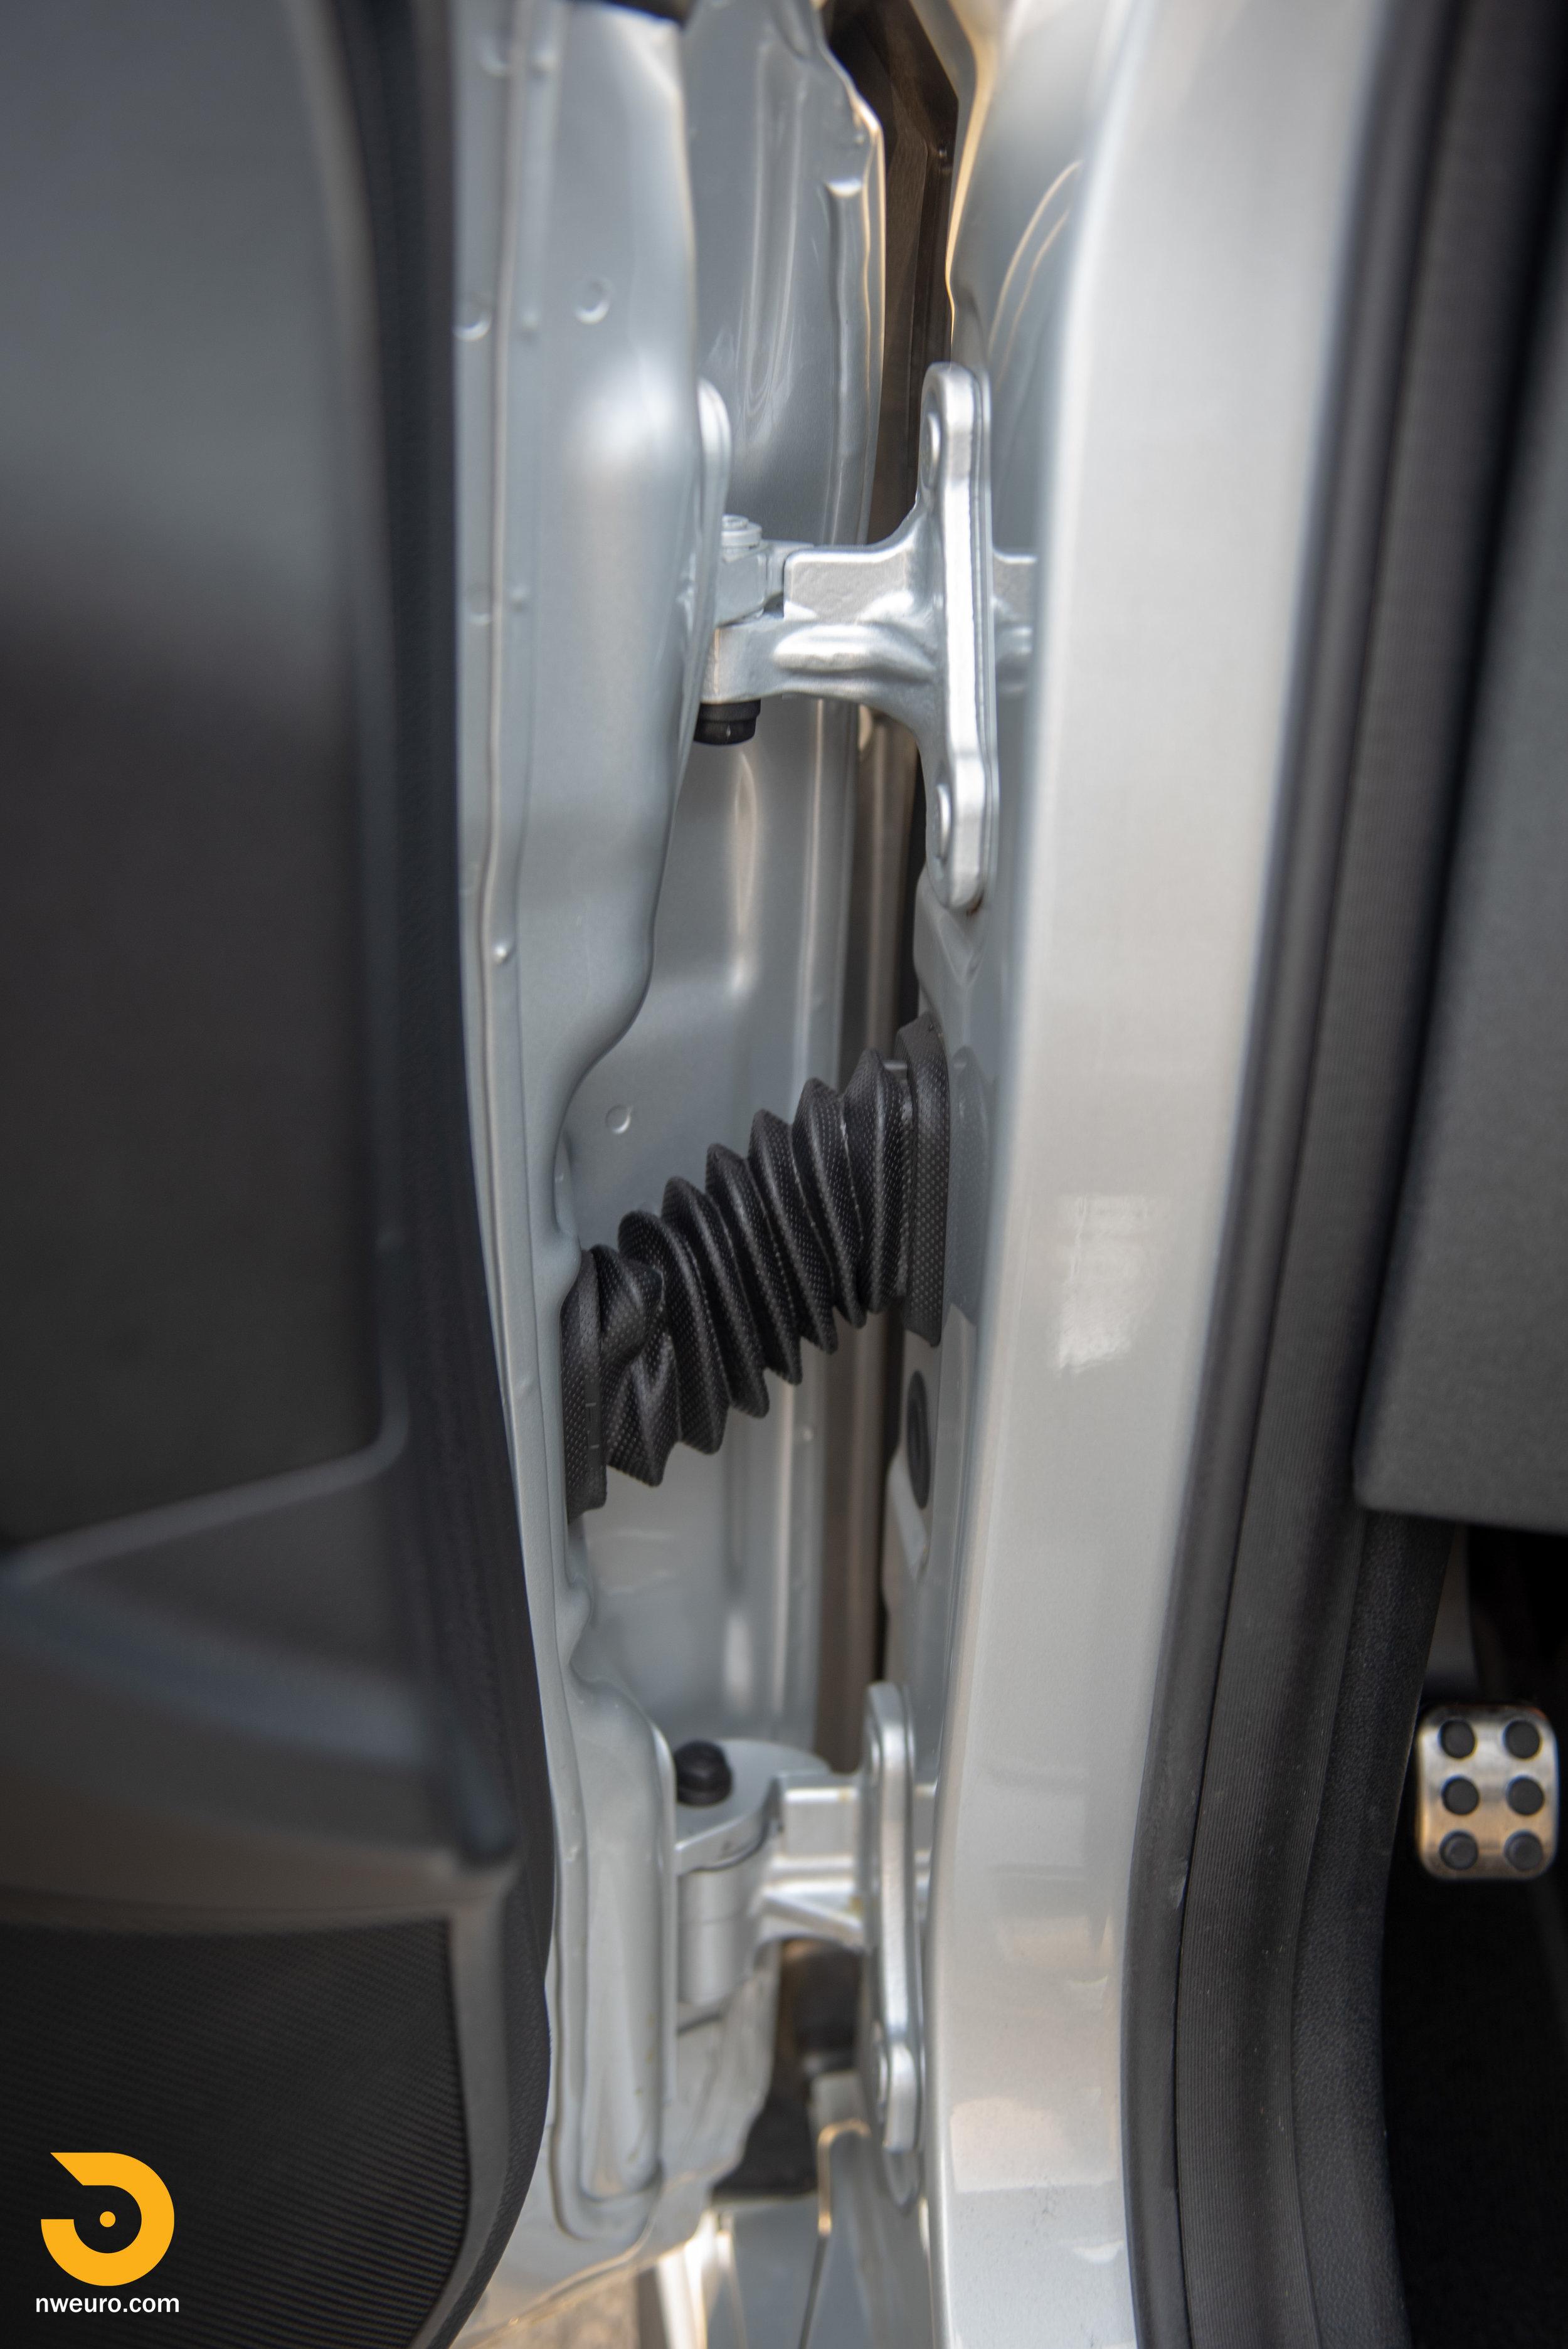 2016 Mercedes-Benz E63S Wagon-31.jpg